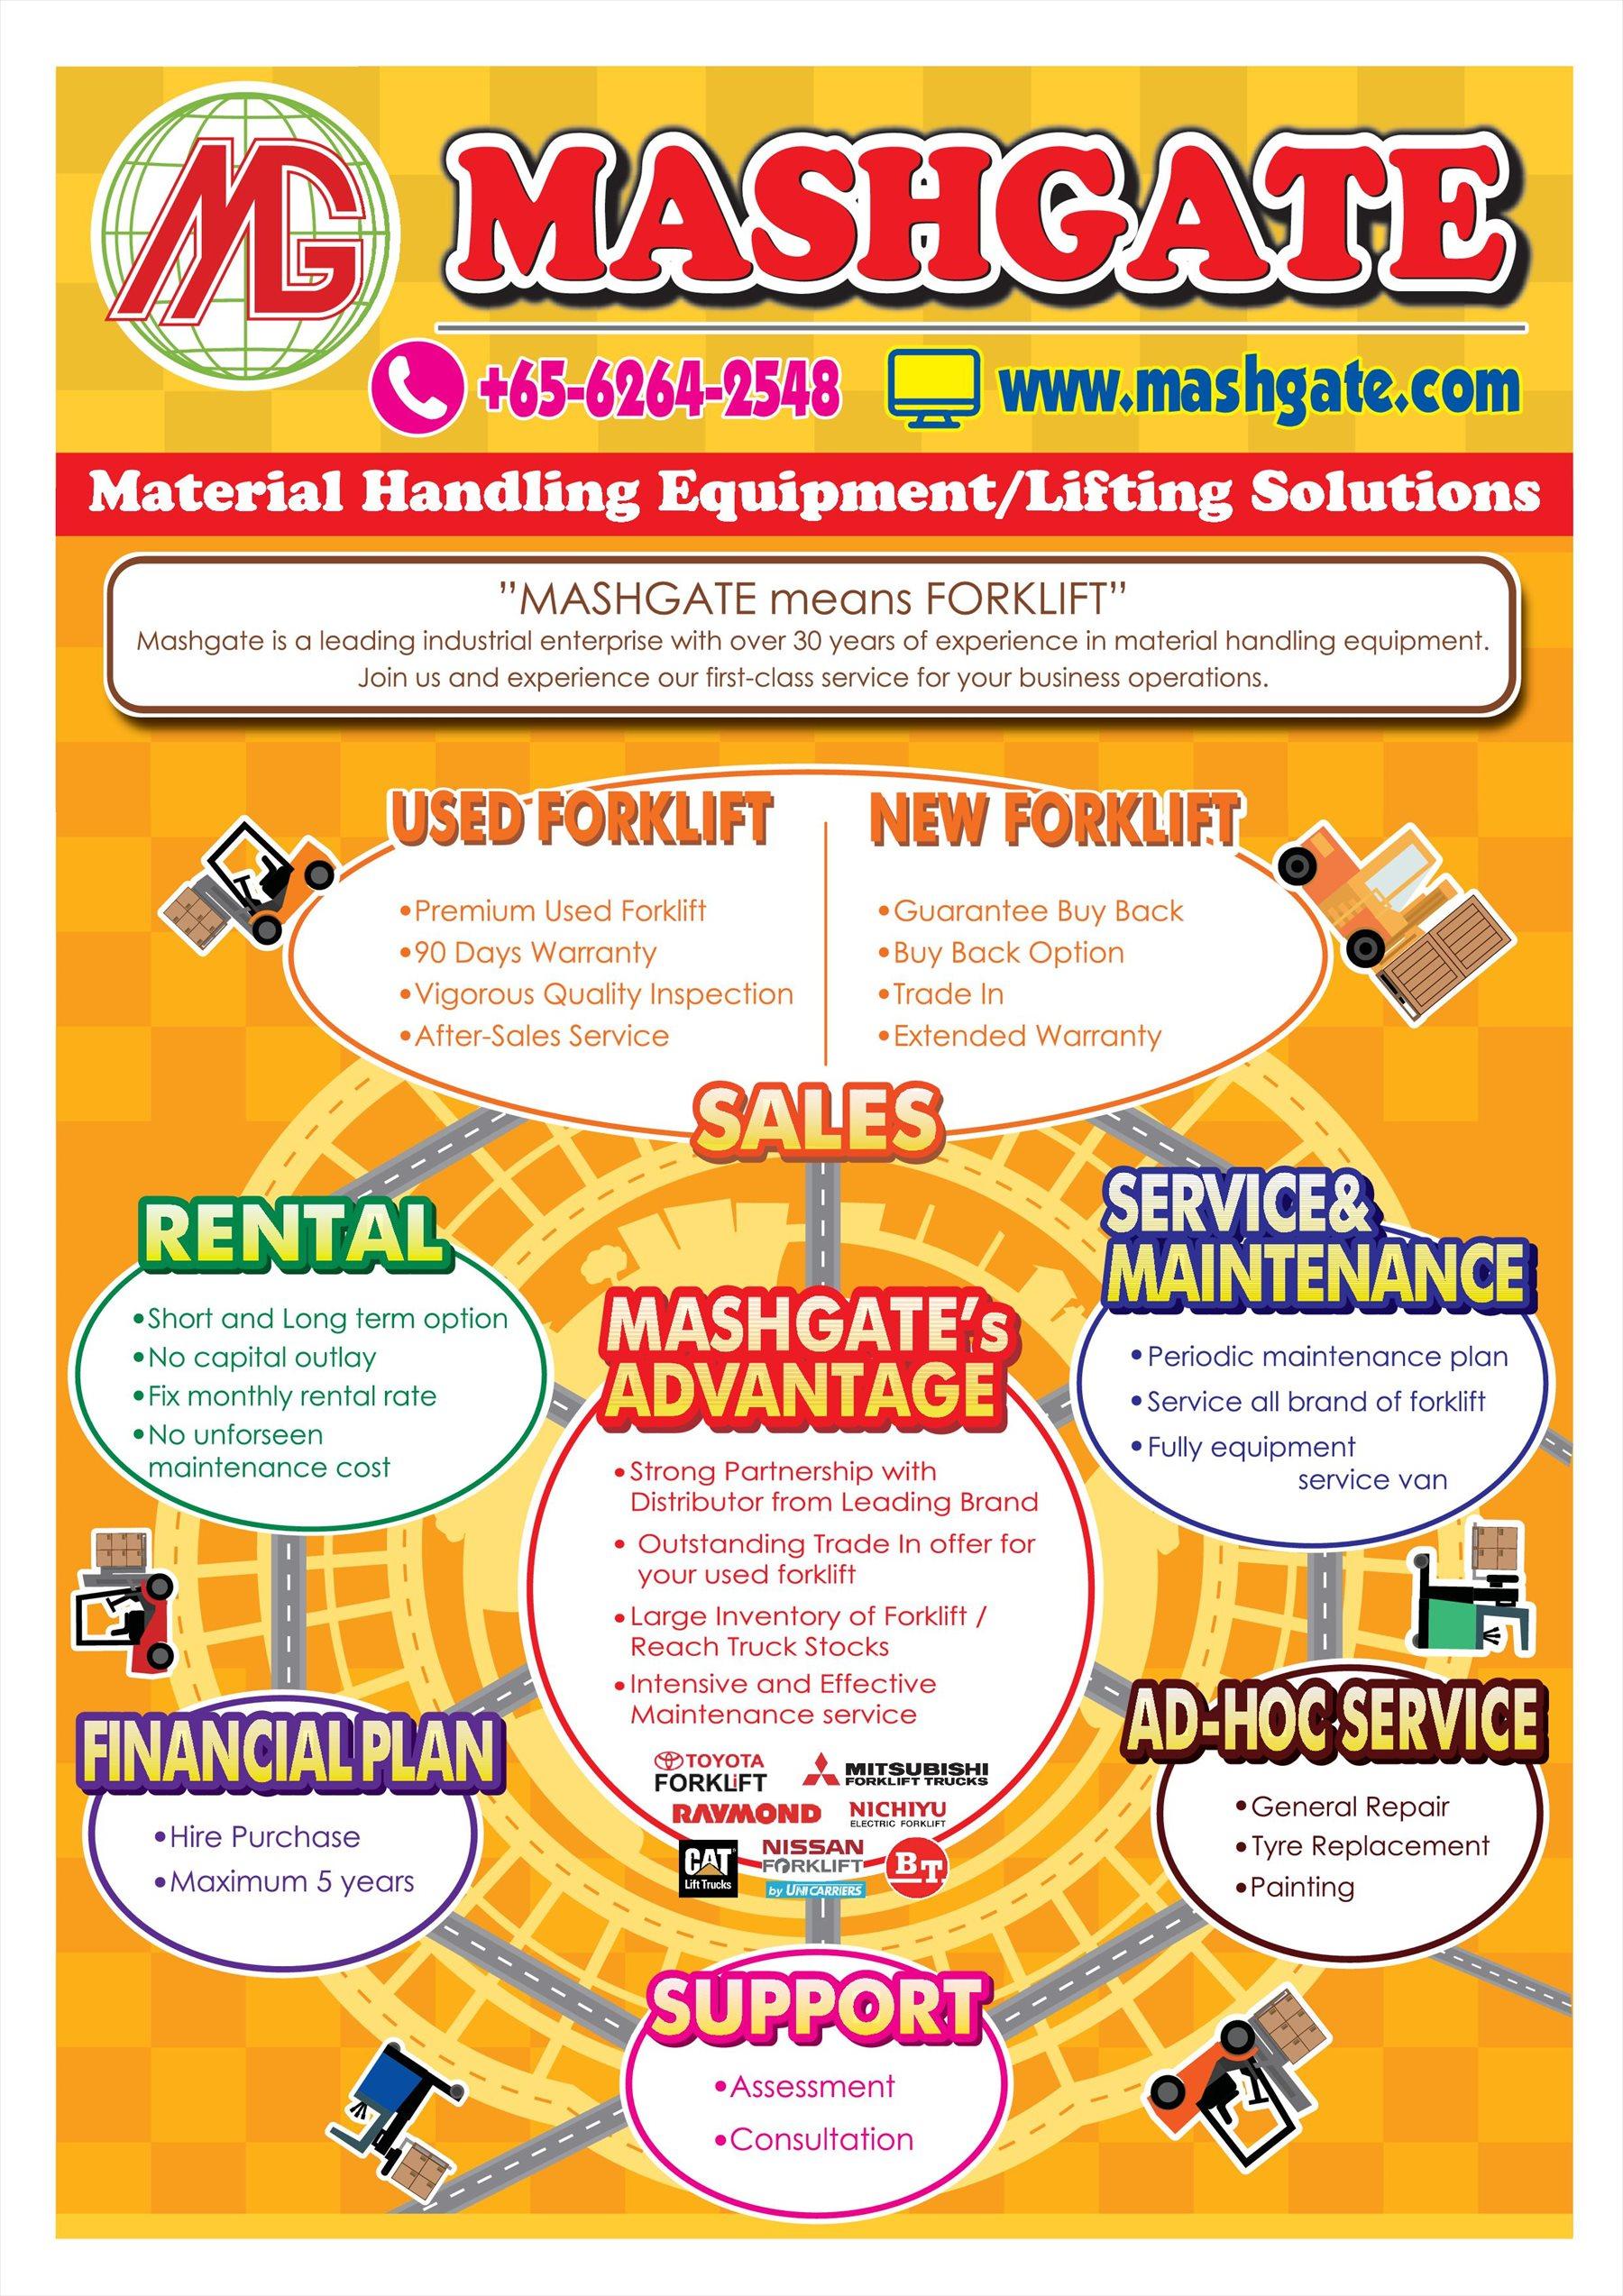 about_mashgate